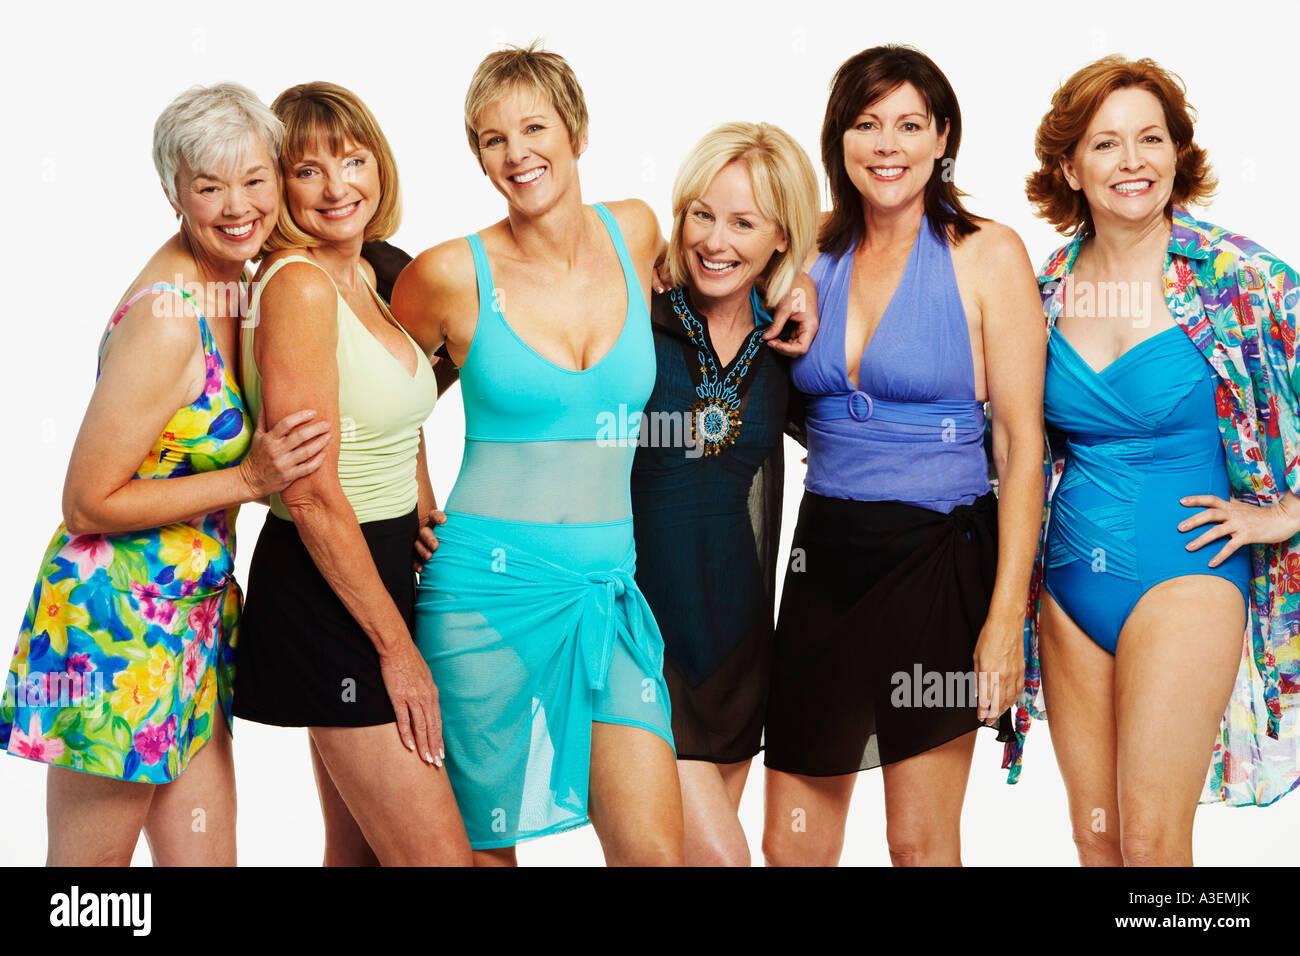 Групповые фото голых взрослых женщин — pic 9